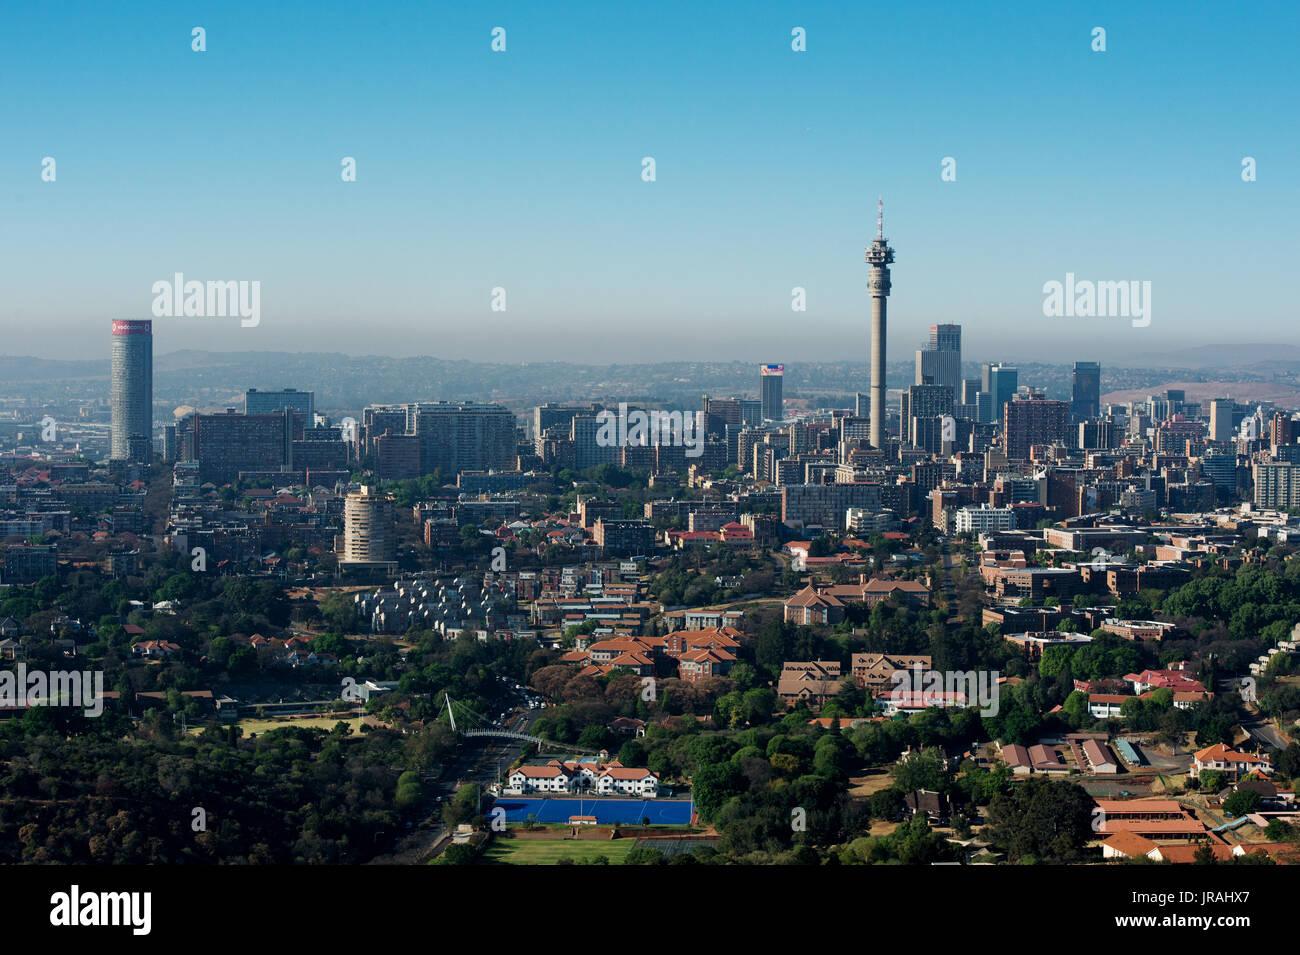 Vue aérienne de la ville de Johannesburg Photo Stock